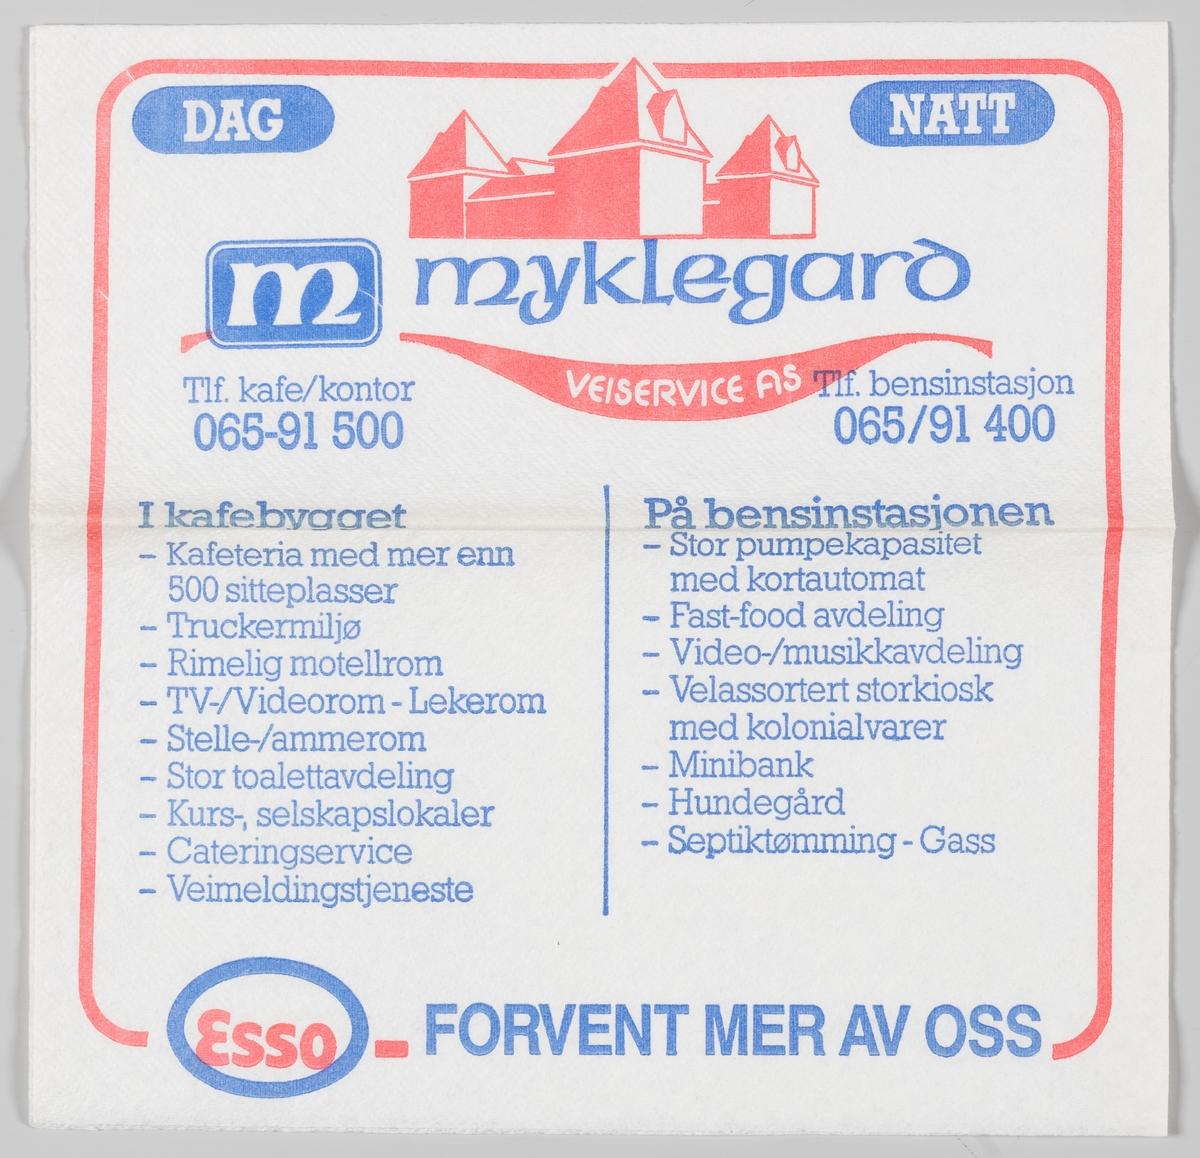 En tegning av bygningen og en reklametekst for Myklegard Veikro og Esso bensinstasjon på Løten.